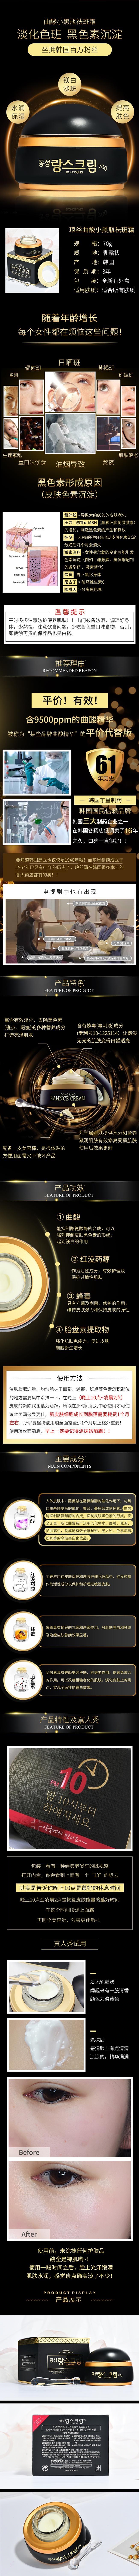 韩国东星制药曲酸小黑瓶RANNCE祛斑霜70G-1.jpg